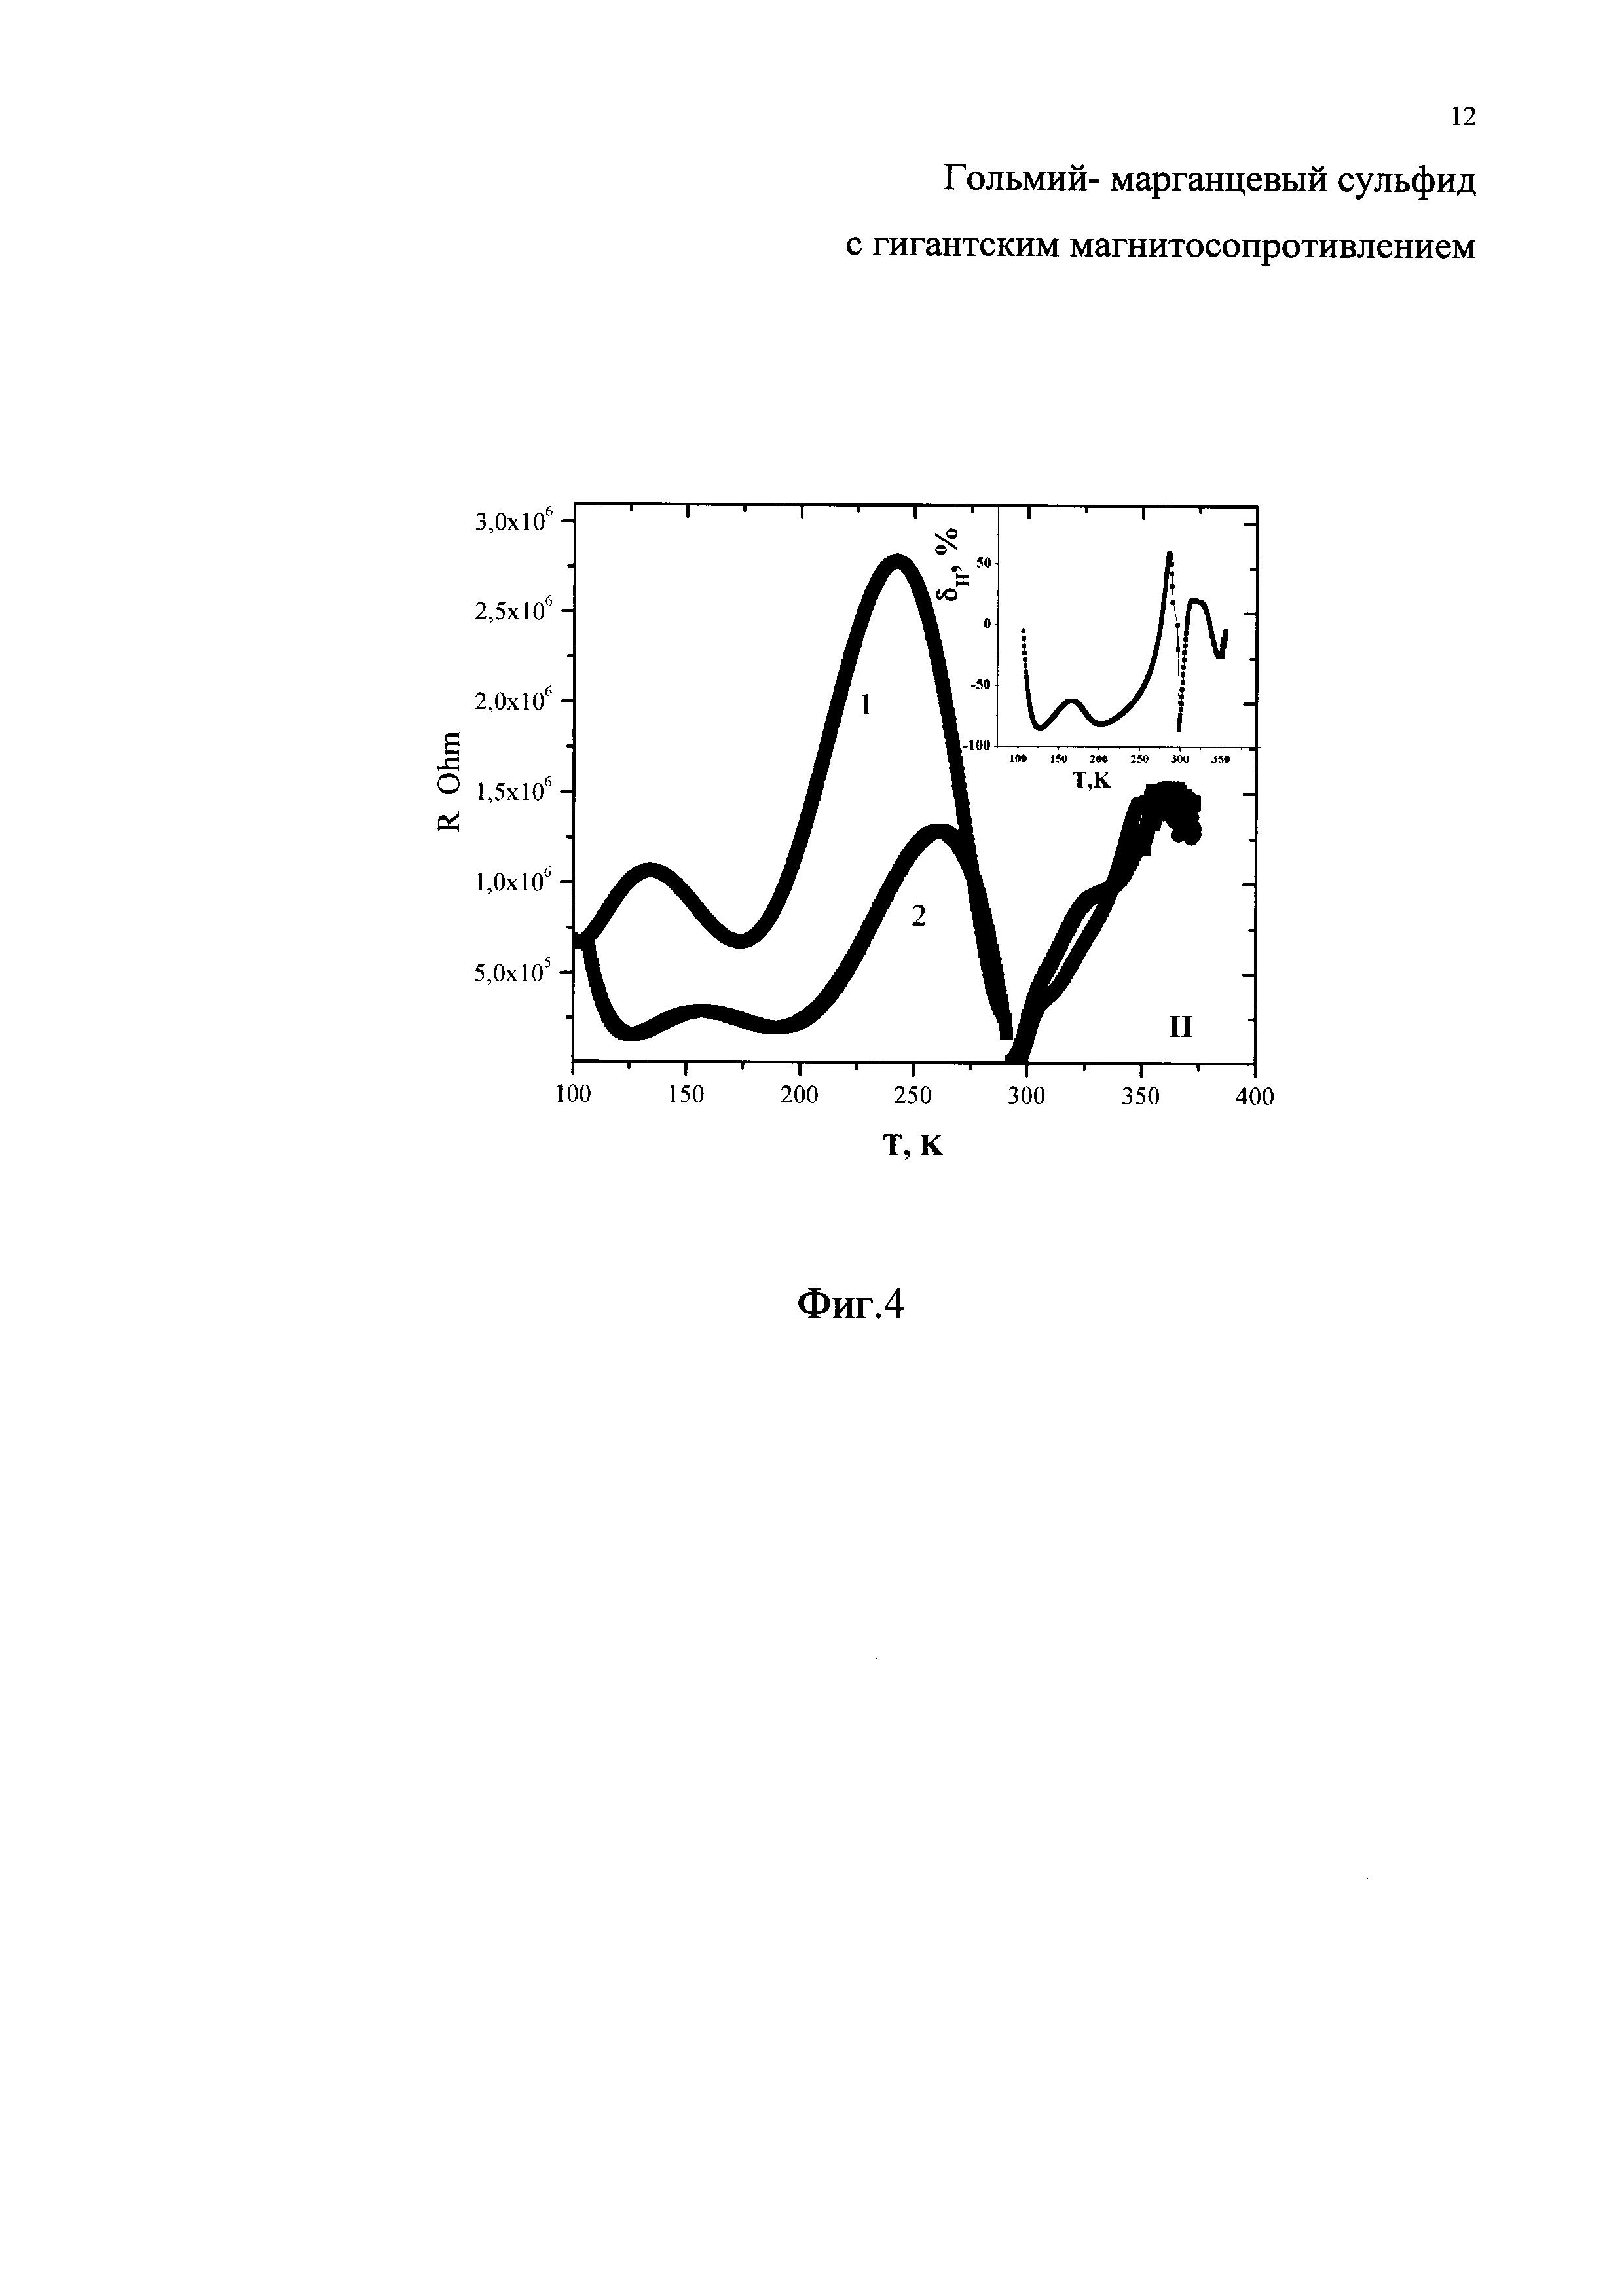 Гольмий-марганцевый сульфид с гигантским магнитосопротивлением